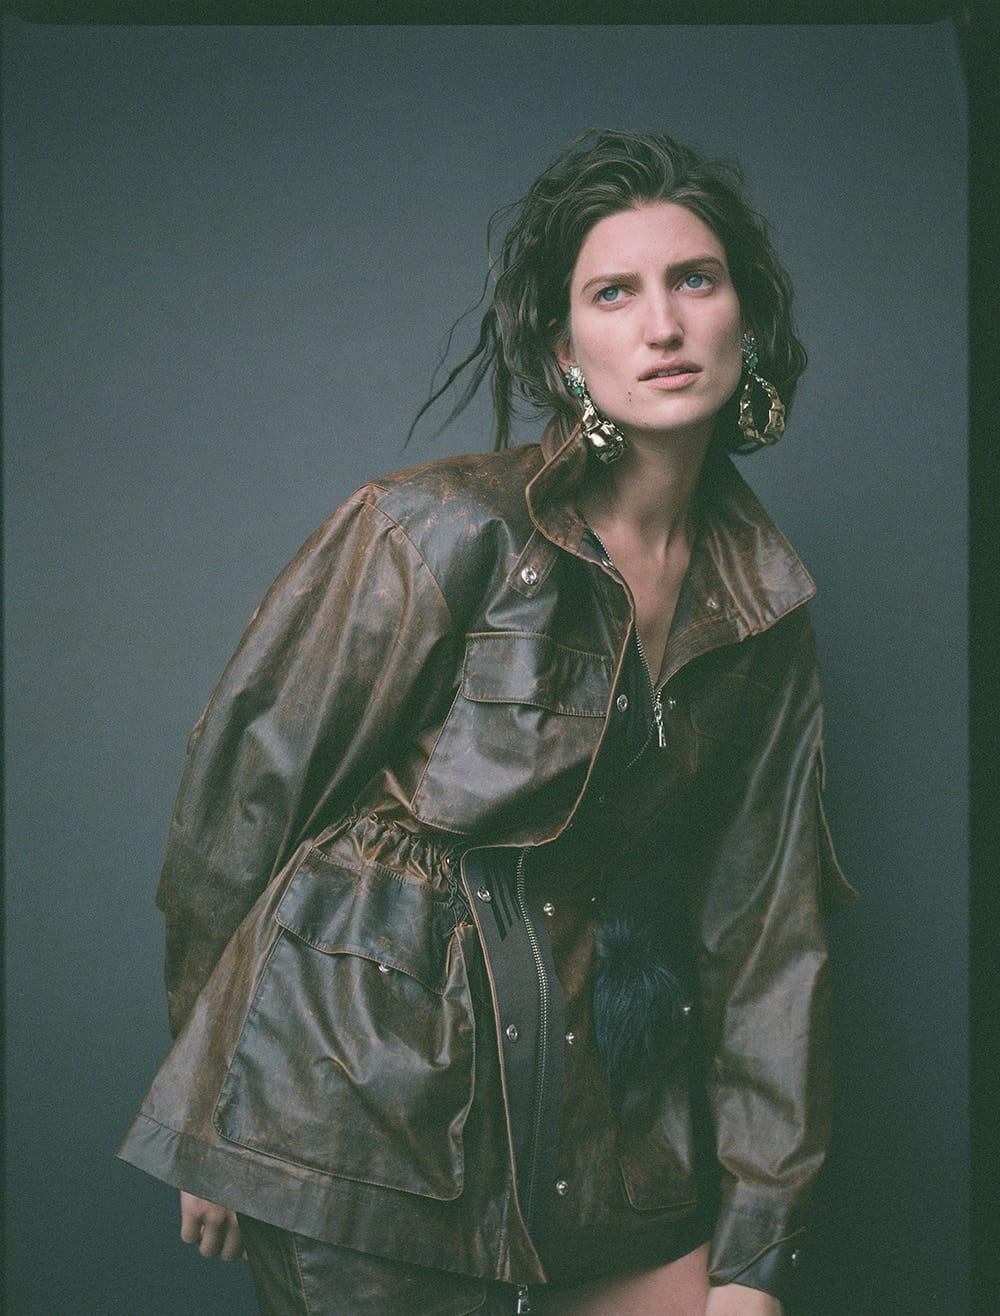 Michele-Ouellet-by-Oriana-Layendecker-for-Schon-Magazine-March-2019-10.jpg